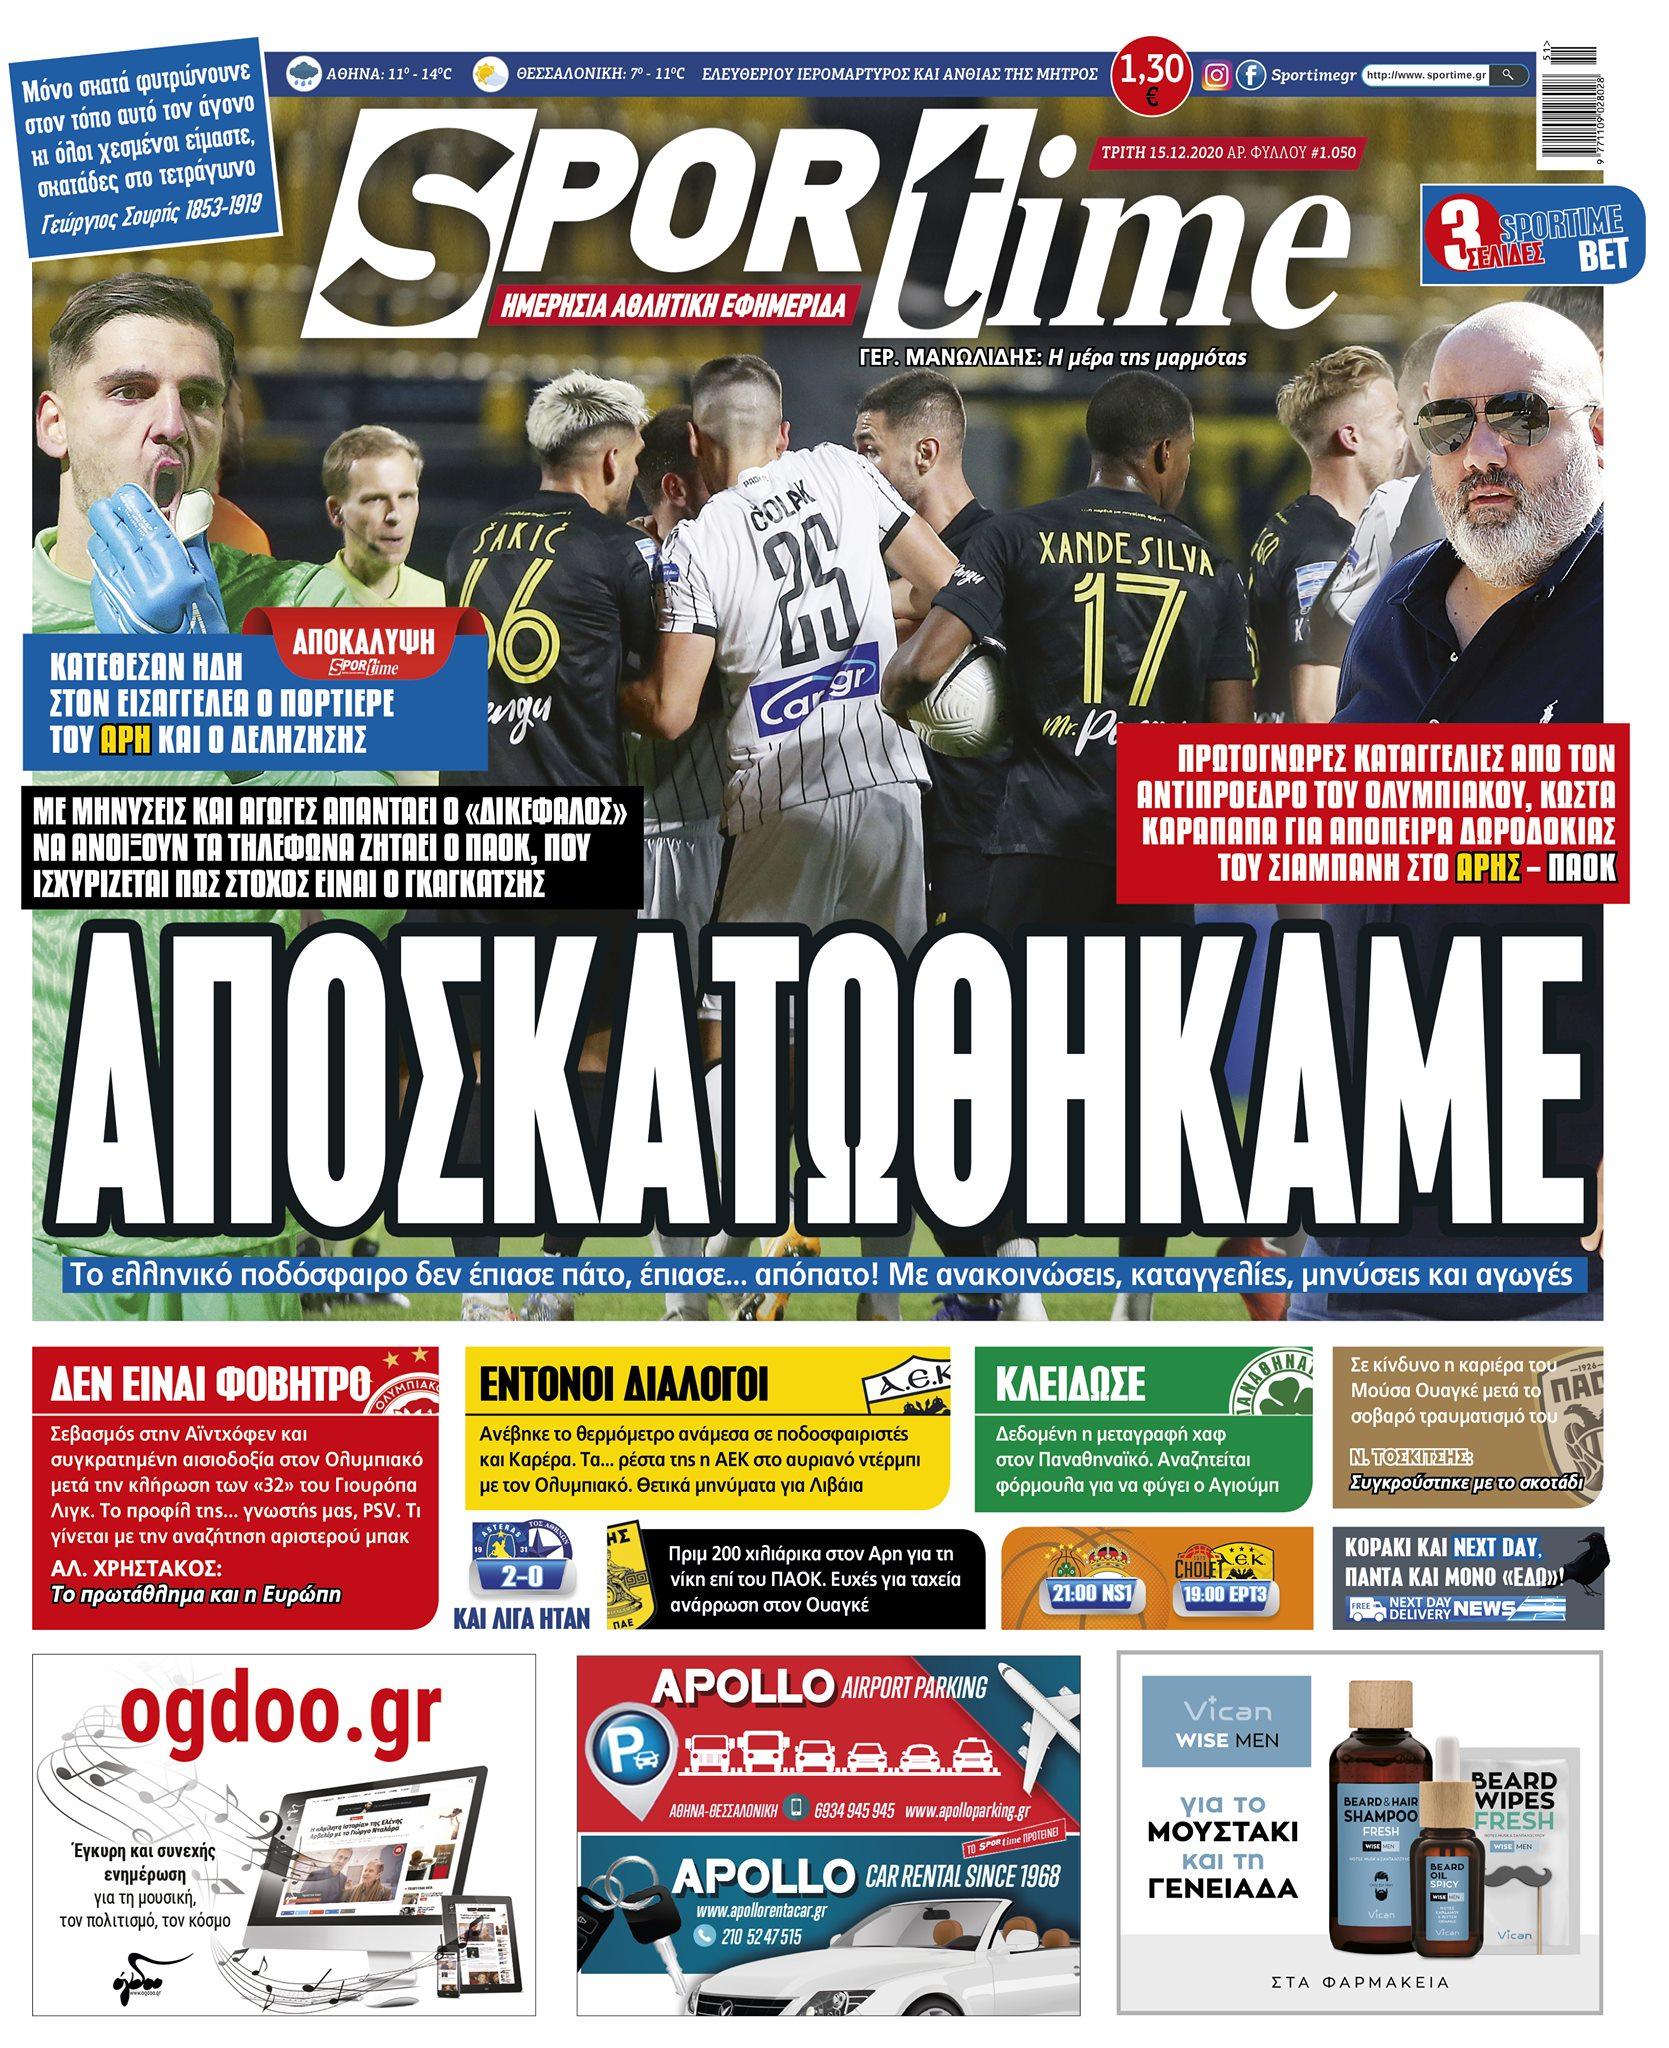 Εφημερίδα SPORTIME - Εξώφυλλο φύλλου 15/12/2020